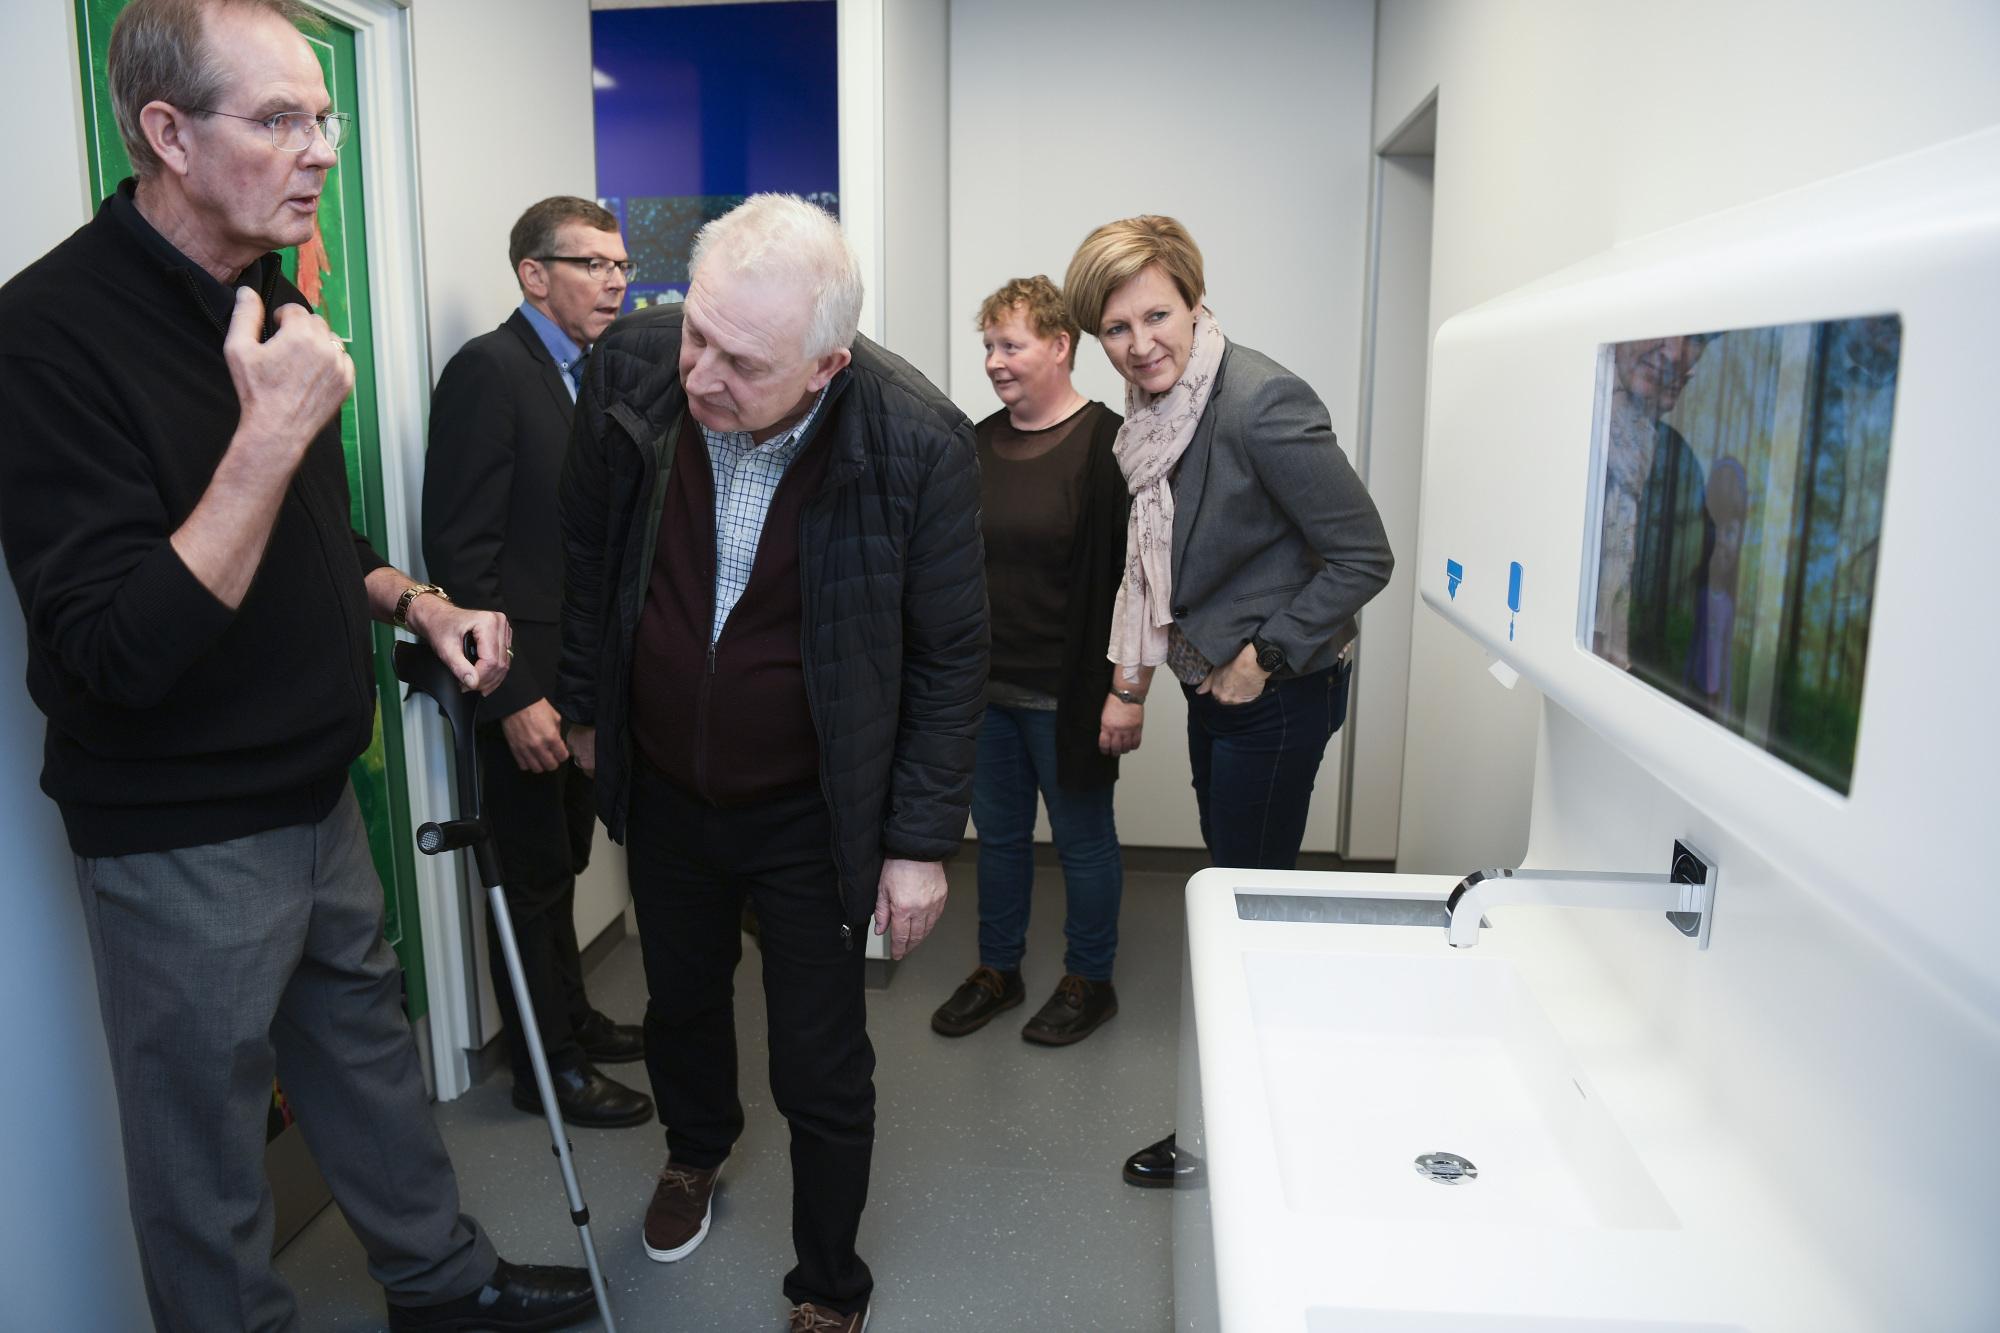 Vesthimmerlandsk wc-eventyr slut: Intelligente toiletter er effektive - men dyre